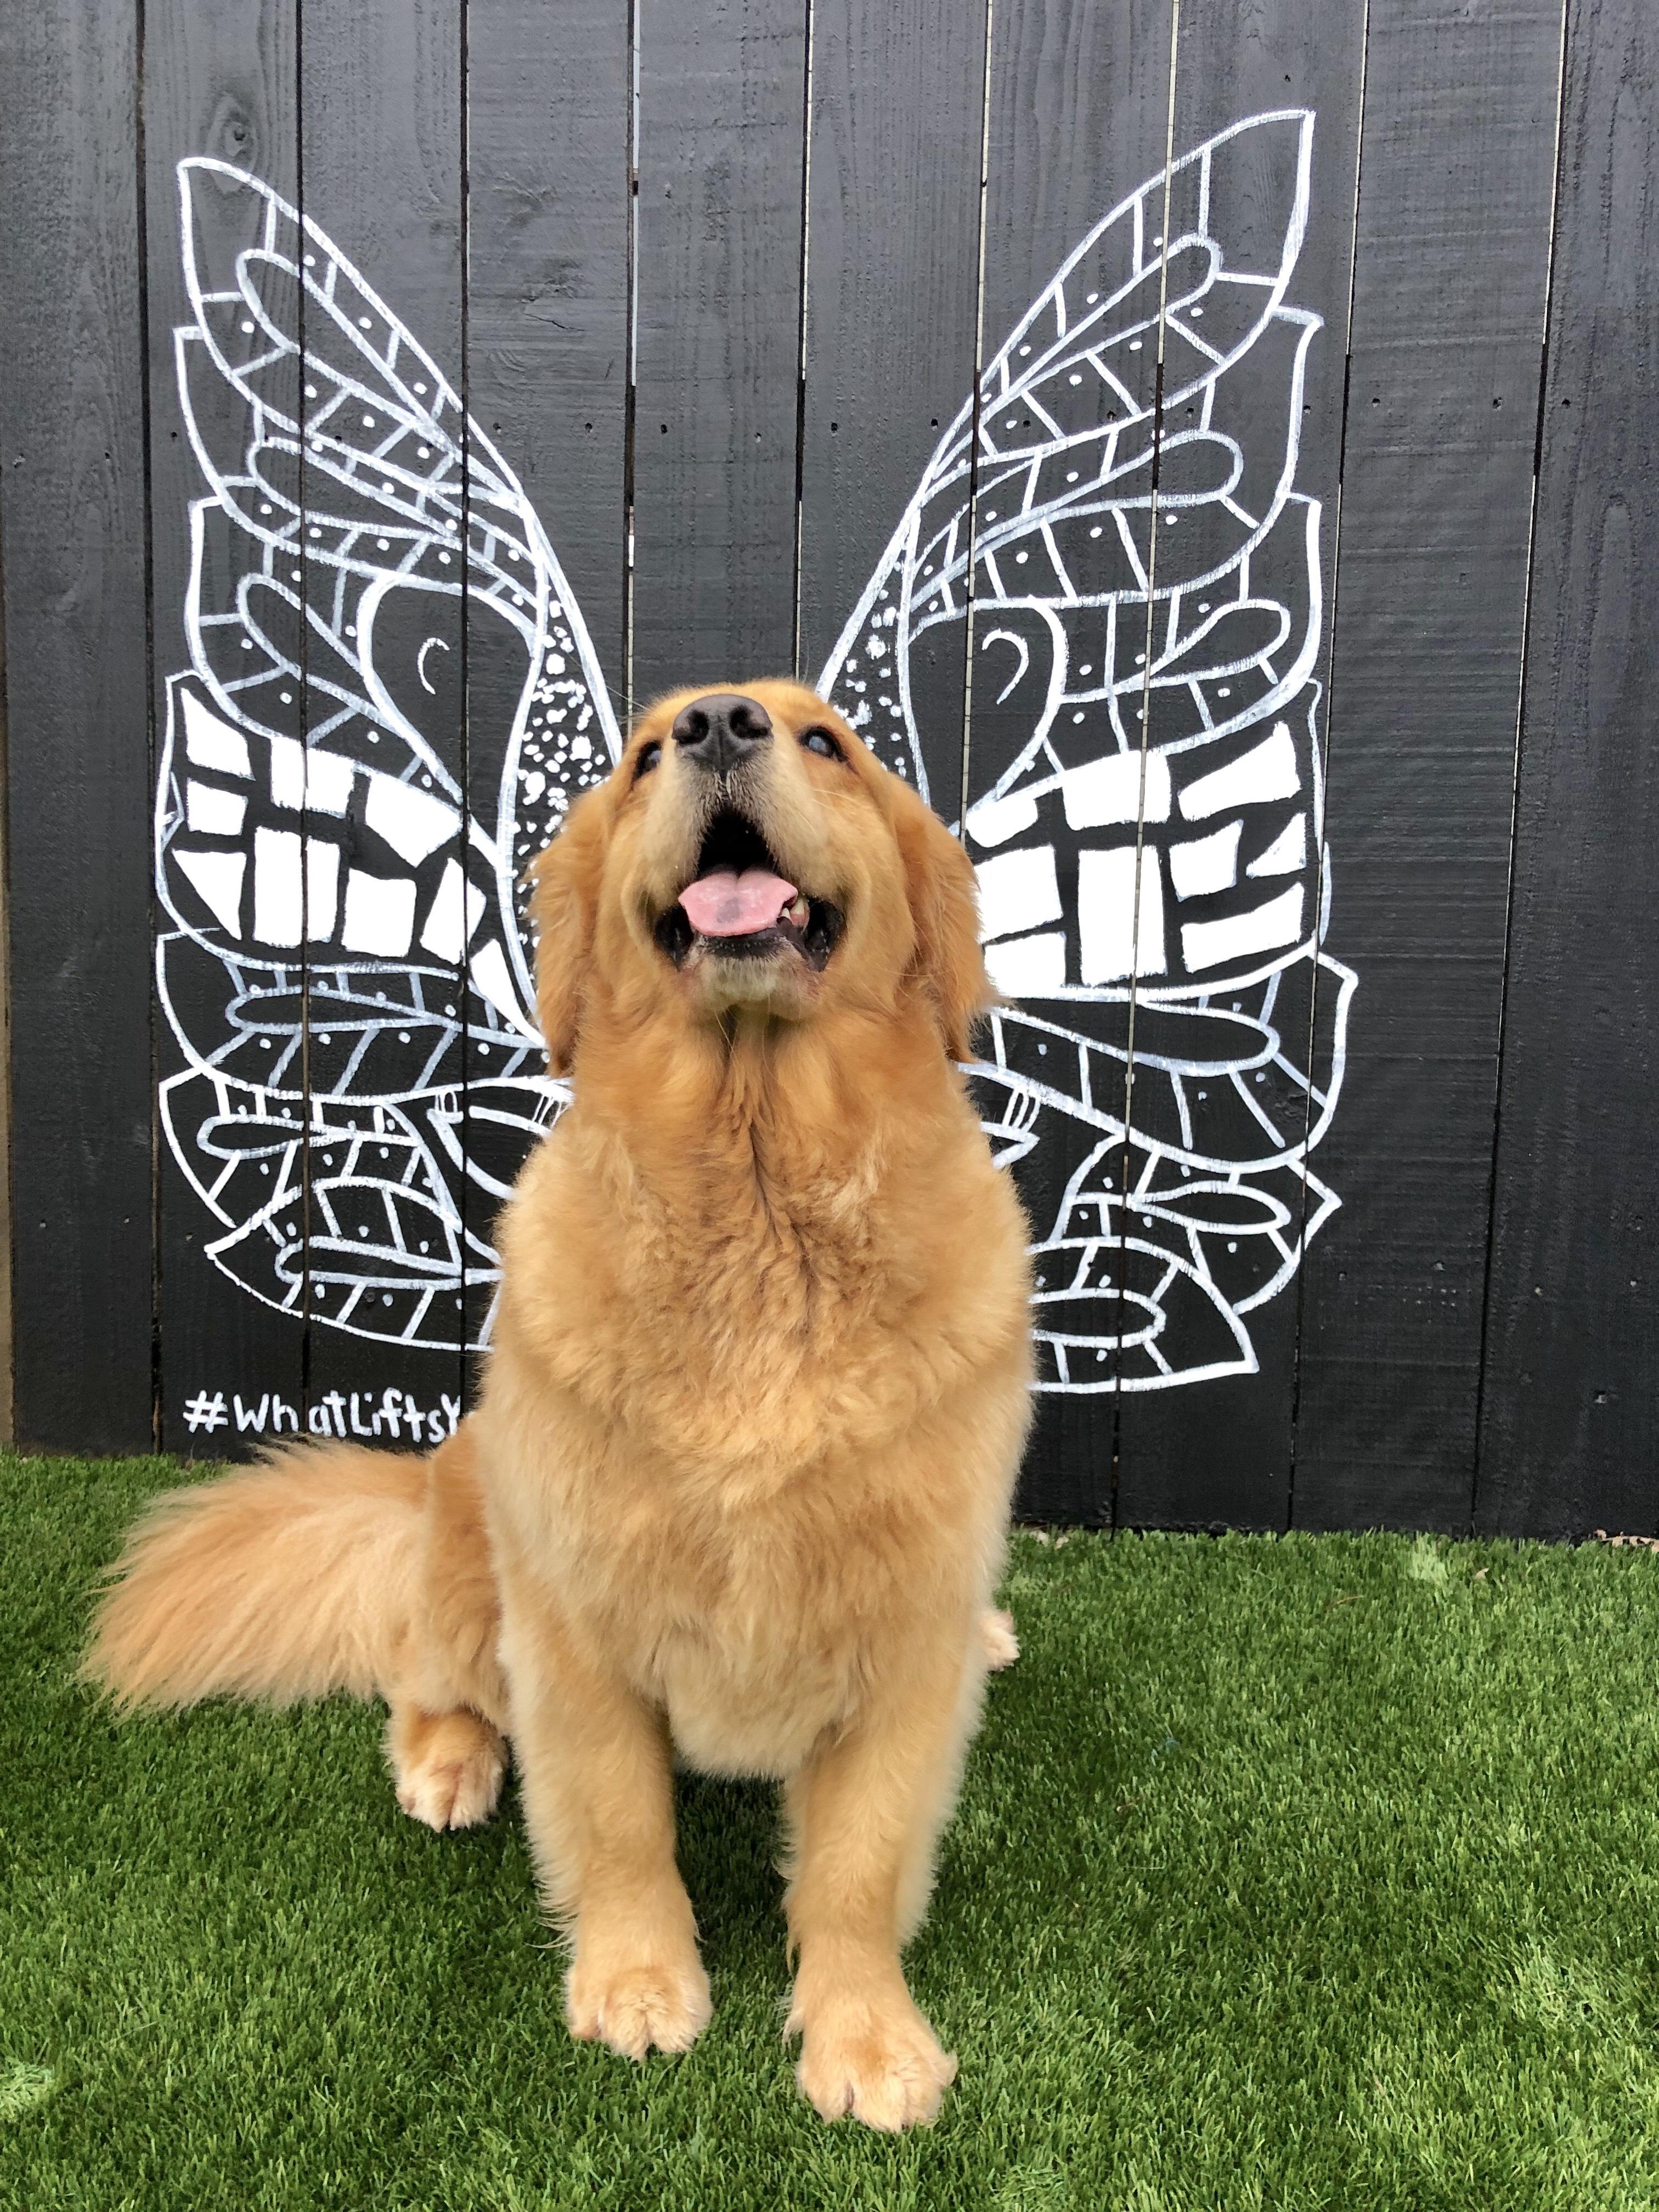 Dog in between Kelsey Montague's wings mural